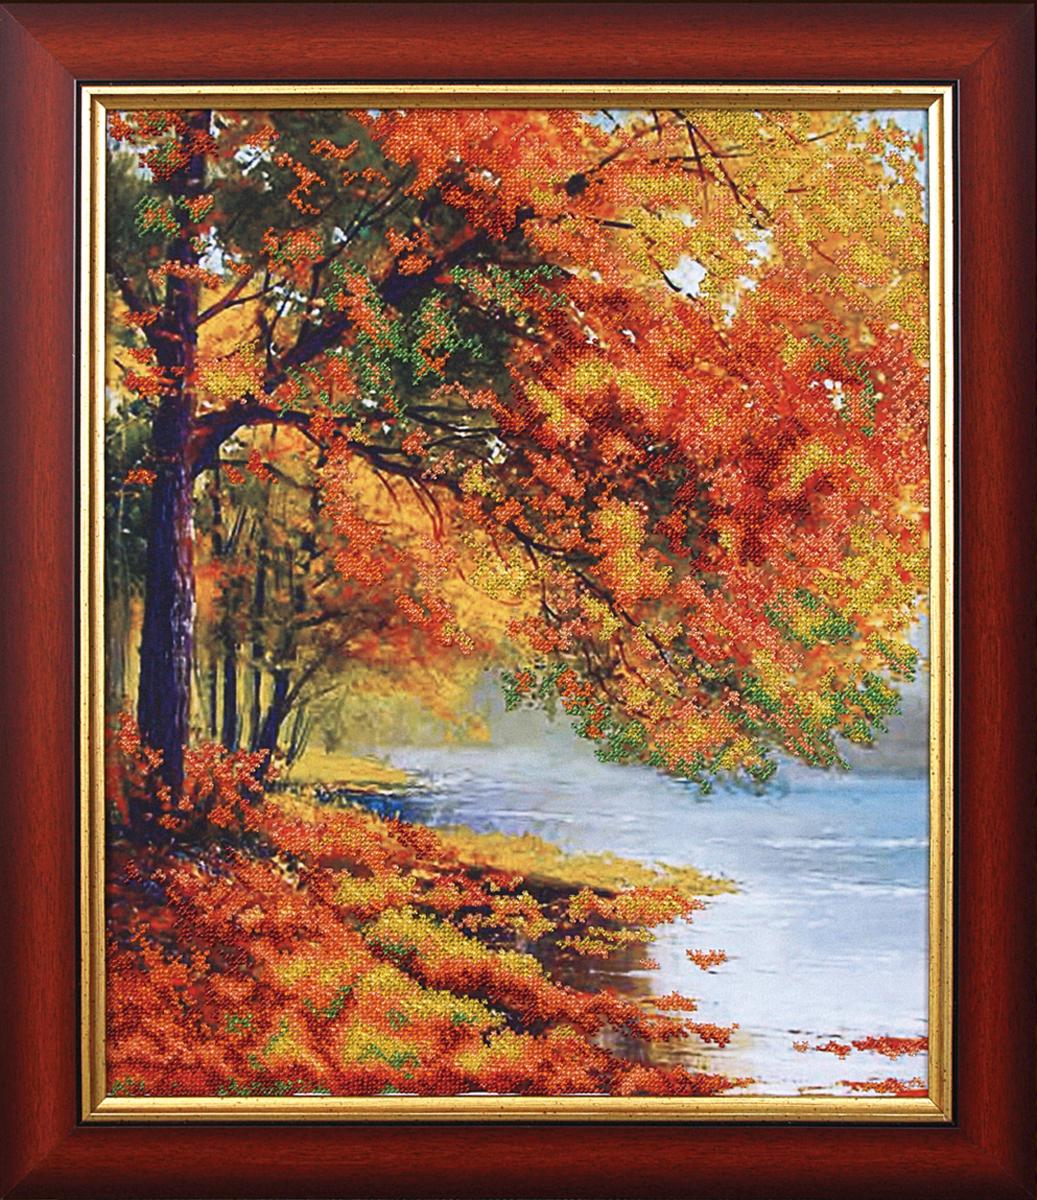 Набор для вышивания бисером Магия канвы Осенний берег, 34 х 42 см309079Наборы для вышивания бисером Магия канвы - это качественные материалы и красивые сюжеты, которые помогут вам создать маленькое чудо. В состав набора для вышивания бисером Осенний берег входит: уплотненная ткань с нанесенным рисунком, бисер Preciosa (Чехия) - 16 цветов, игла, инструкция.